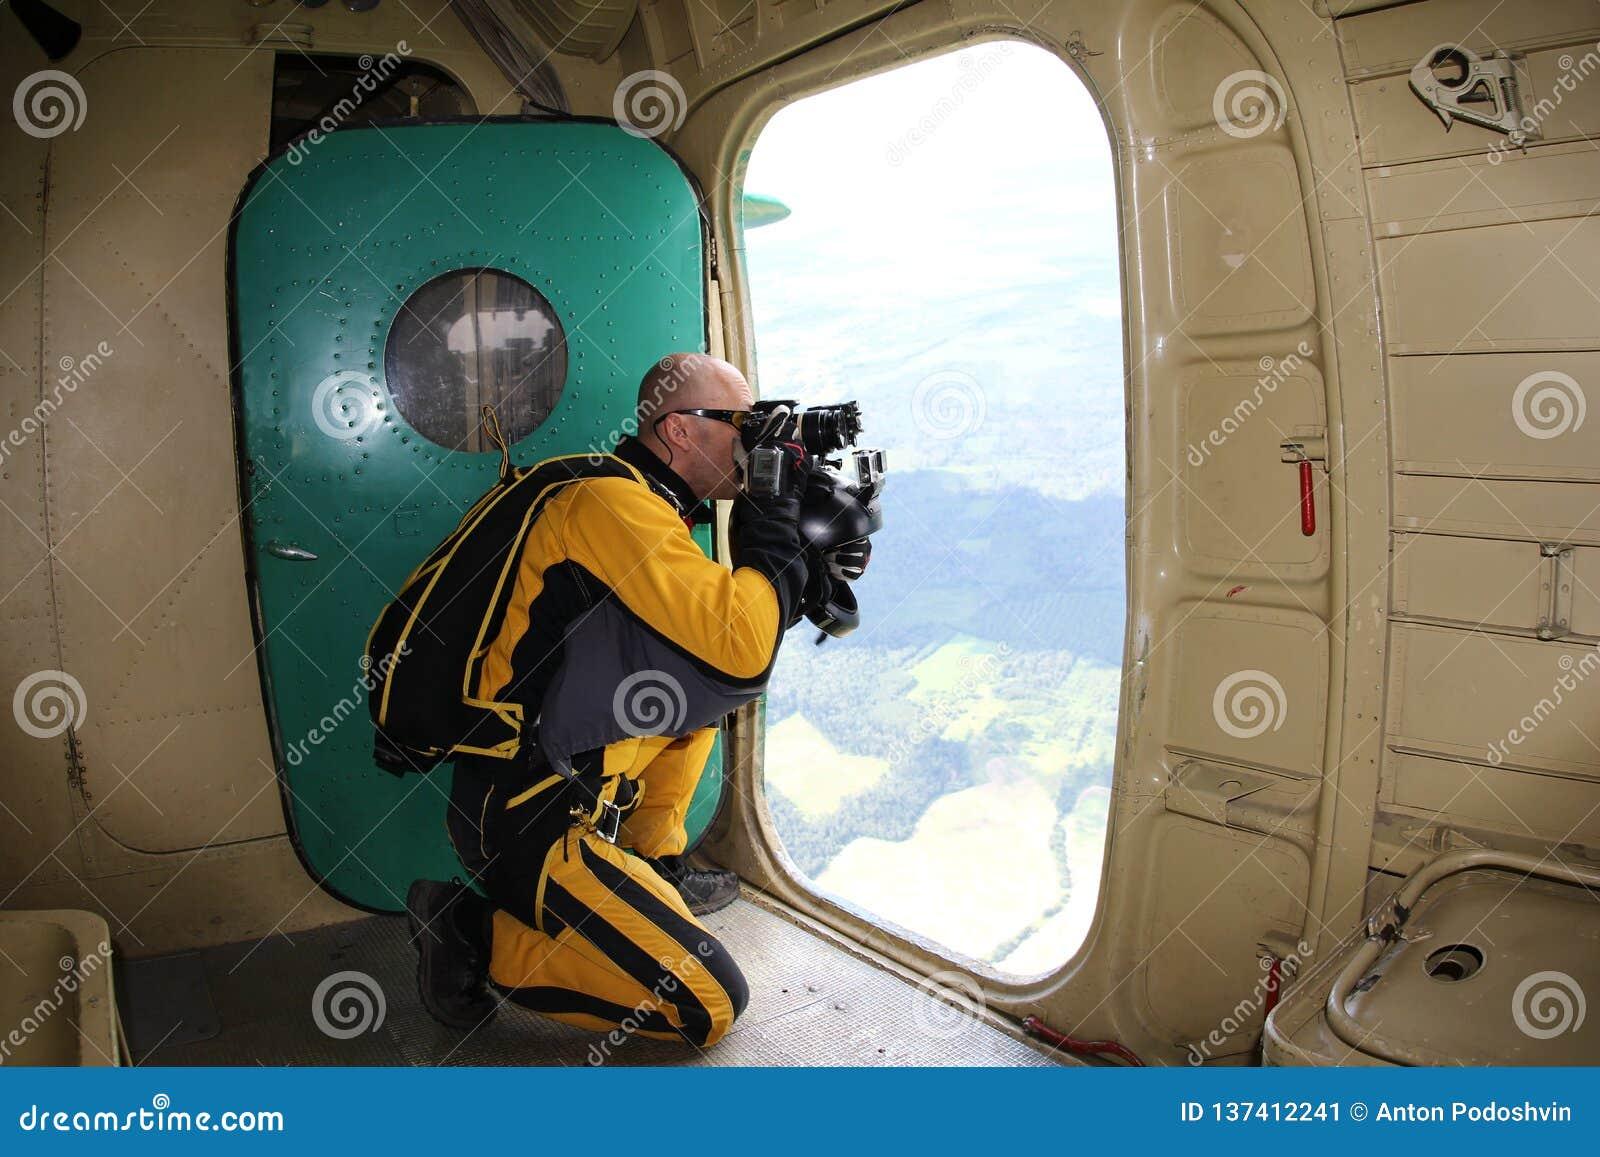 跳伞运动员由飞机的开门拍电影